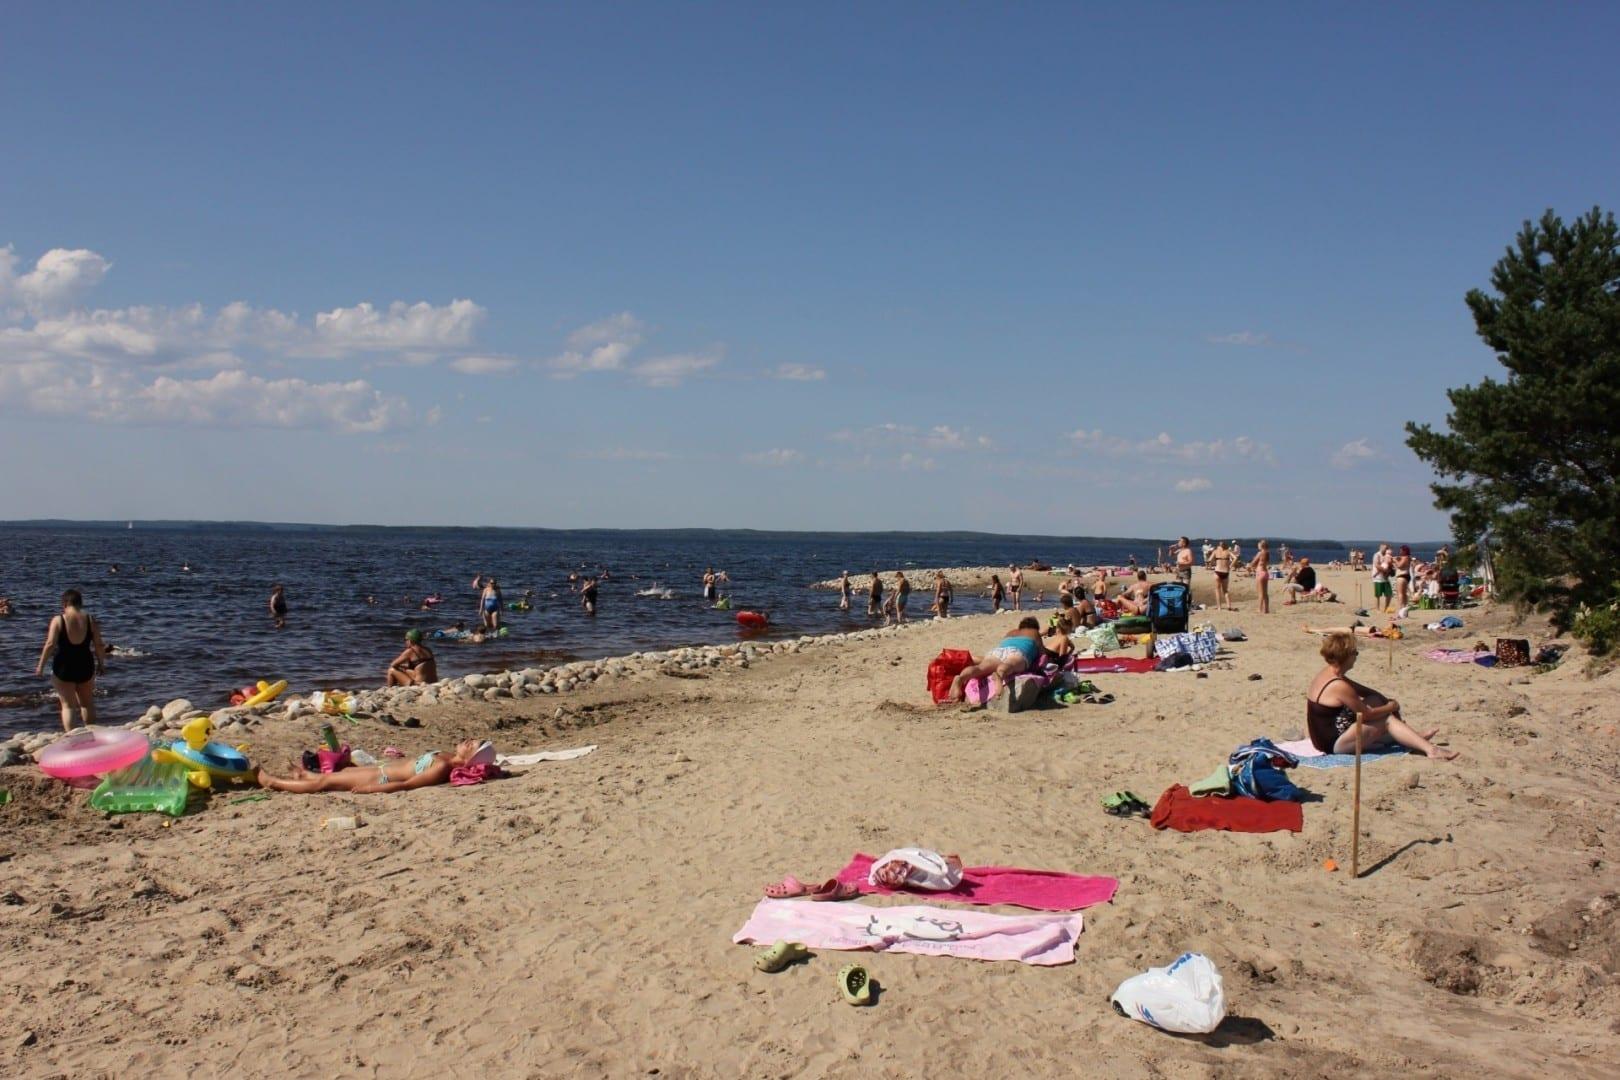 La gente que pasa el verano en un día caluroso en la playa de Paltaniemi... Kajaani Finlandia